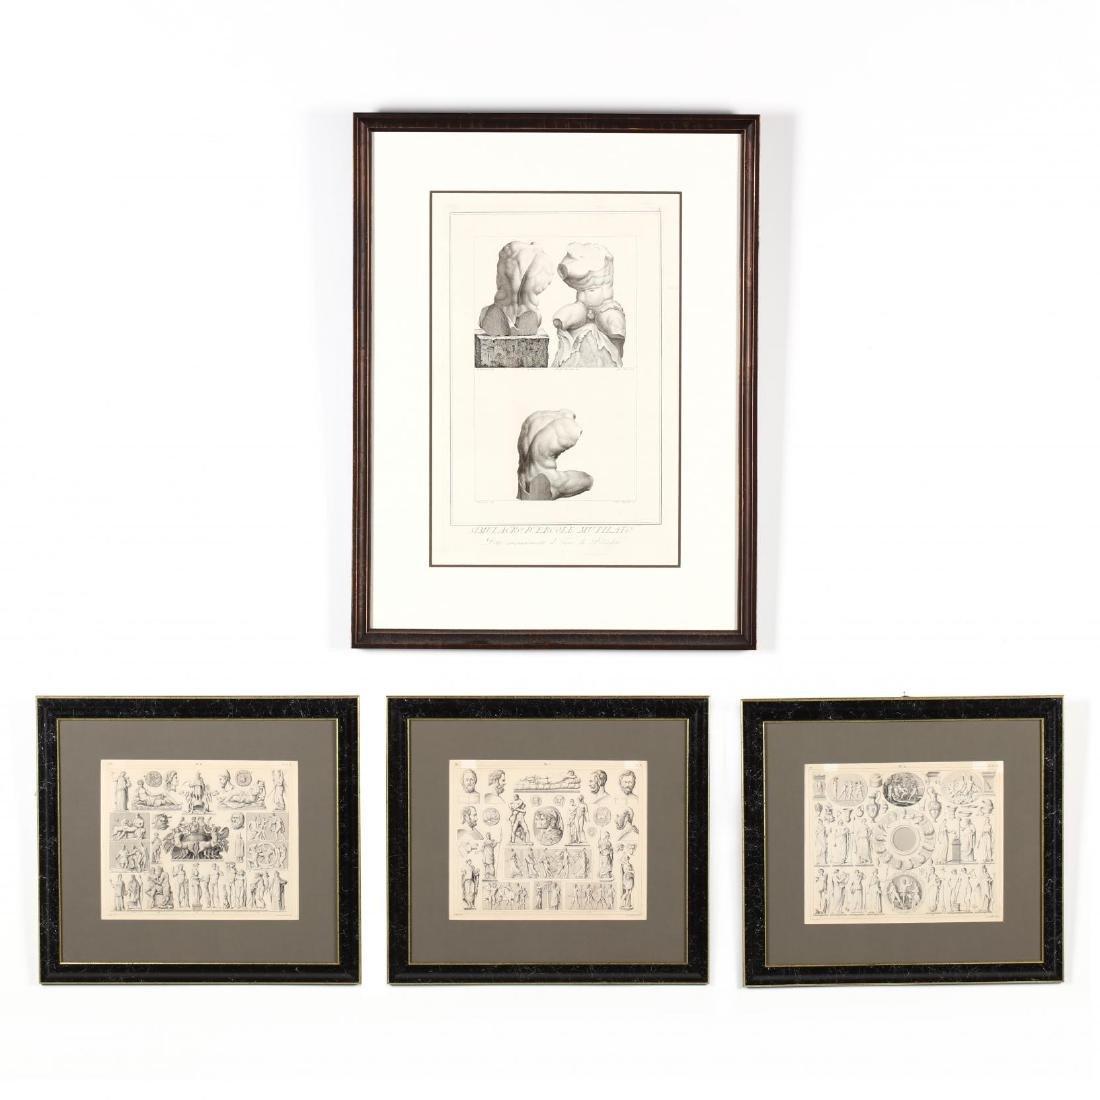 Four Antique Greco-Roman Prints